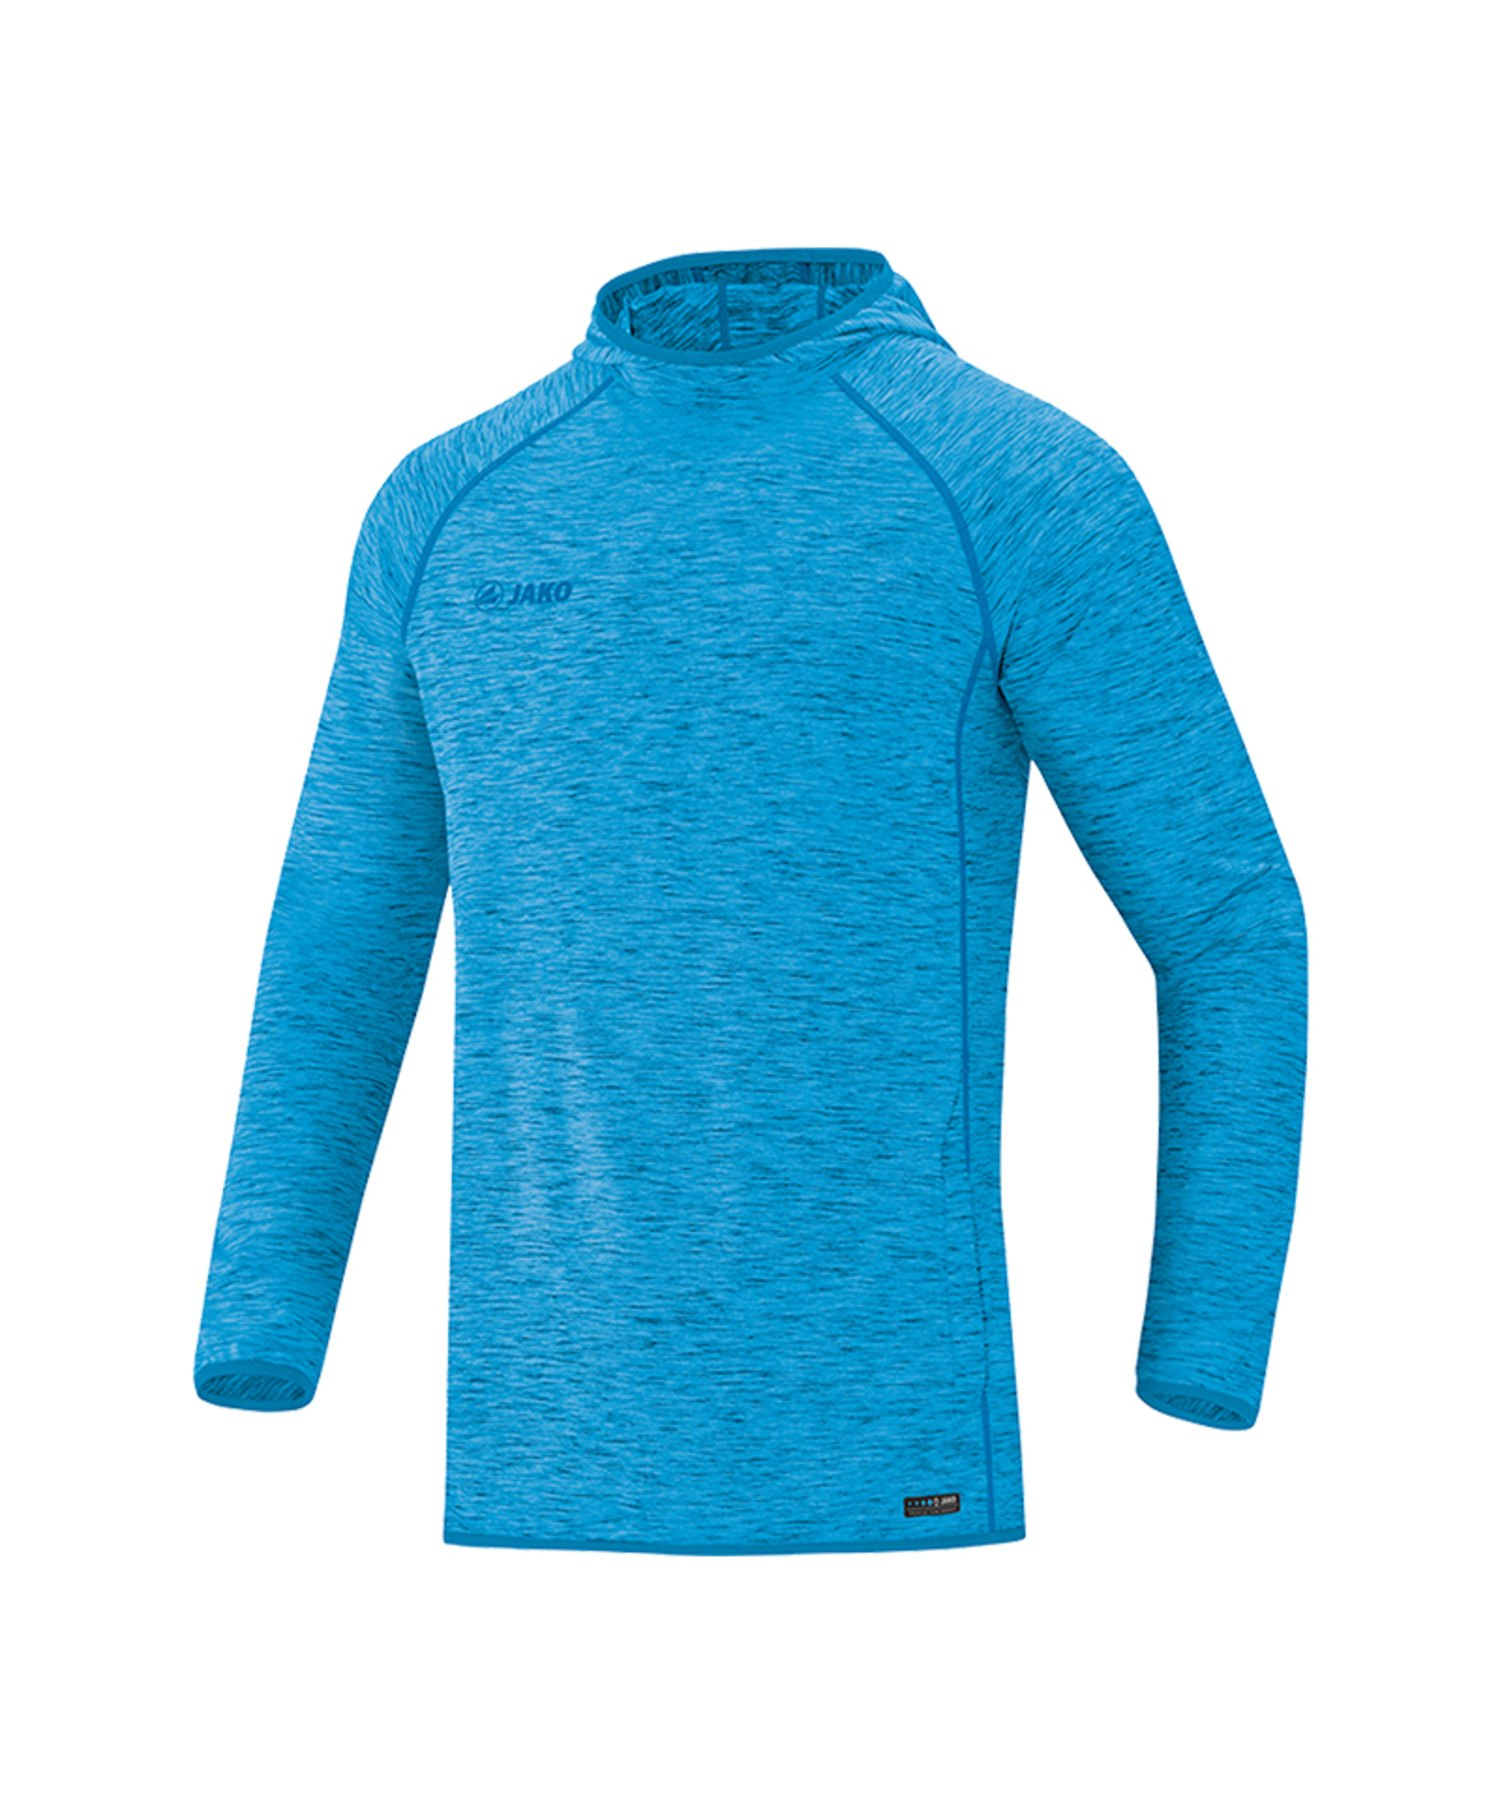 Jako Active Kapuzensweatshirt Blau F89 - Blau